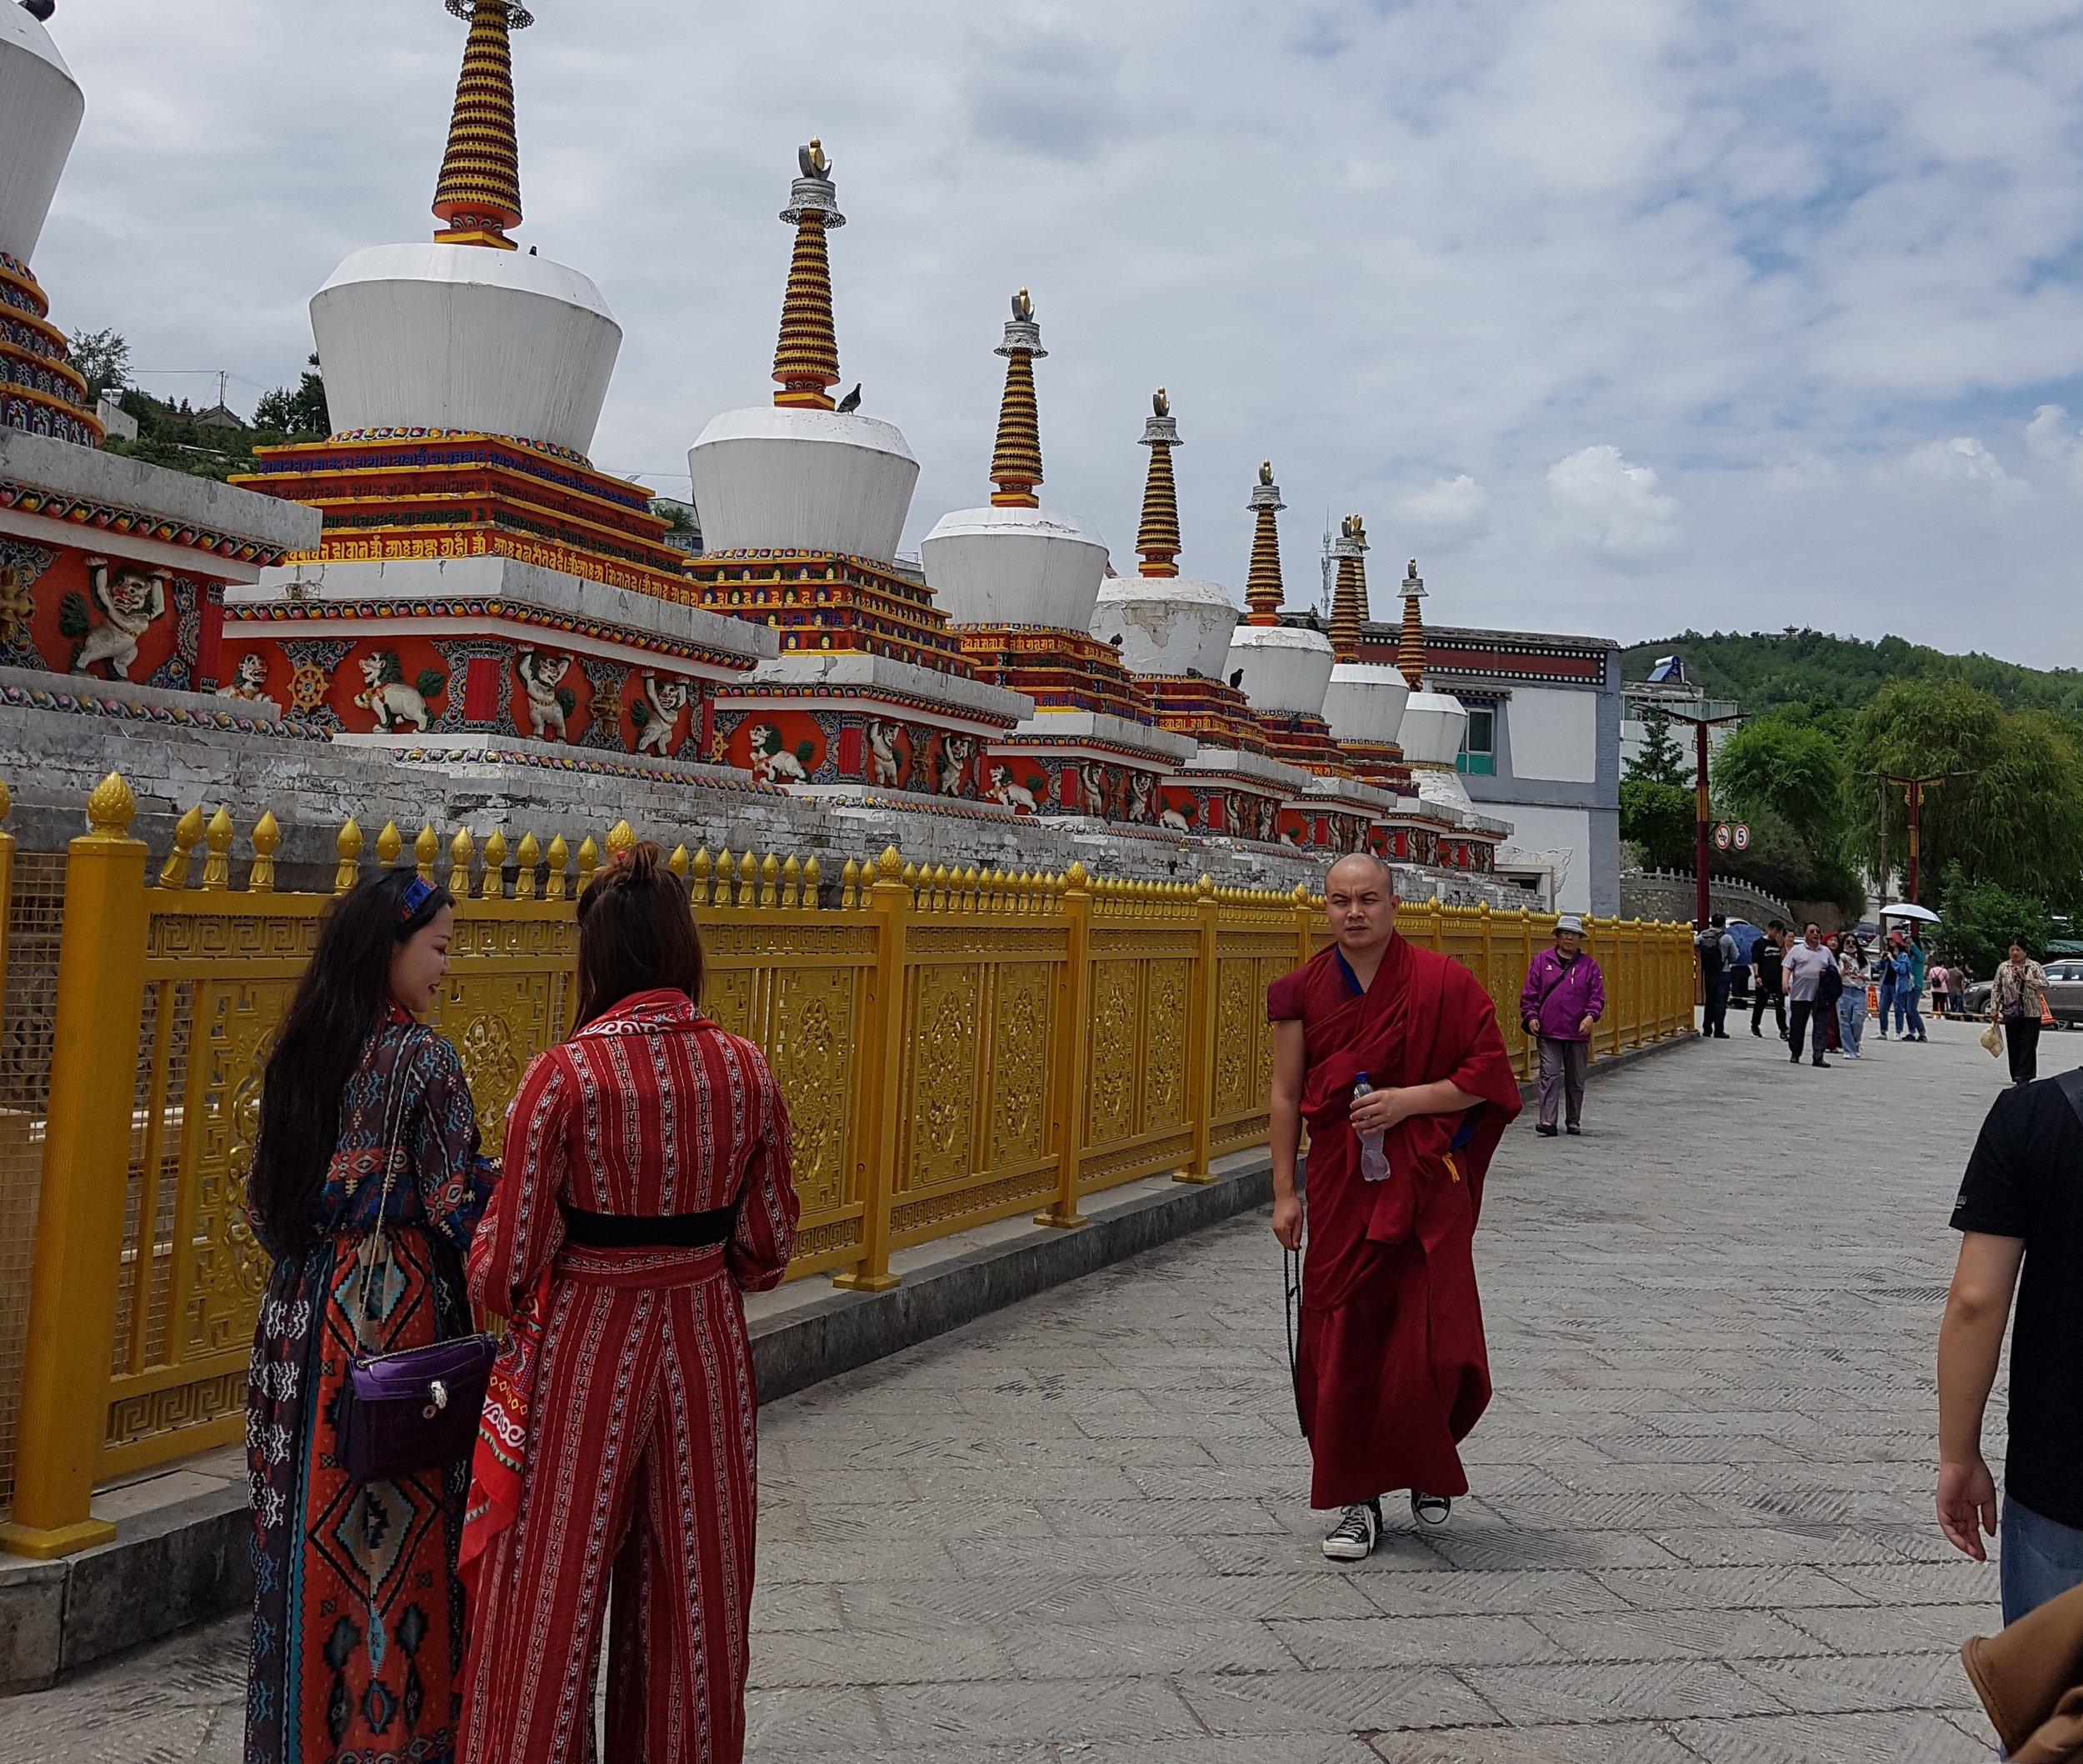 Kumbum monastery in Xining